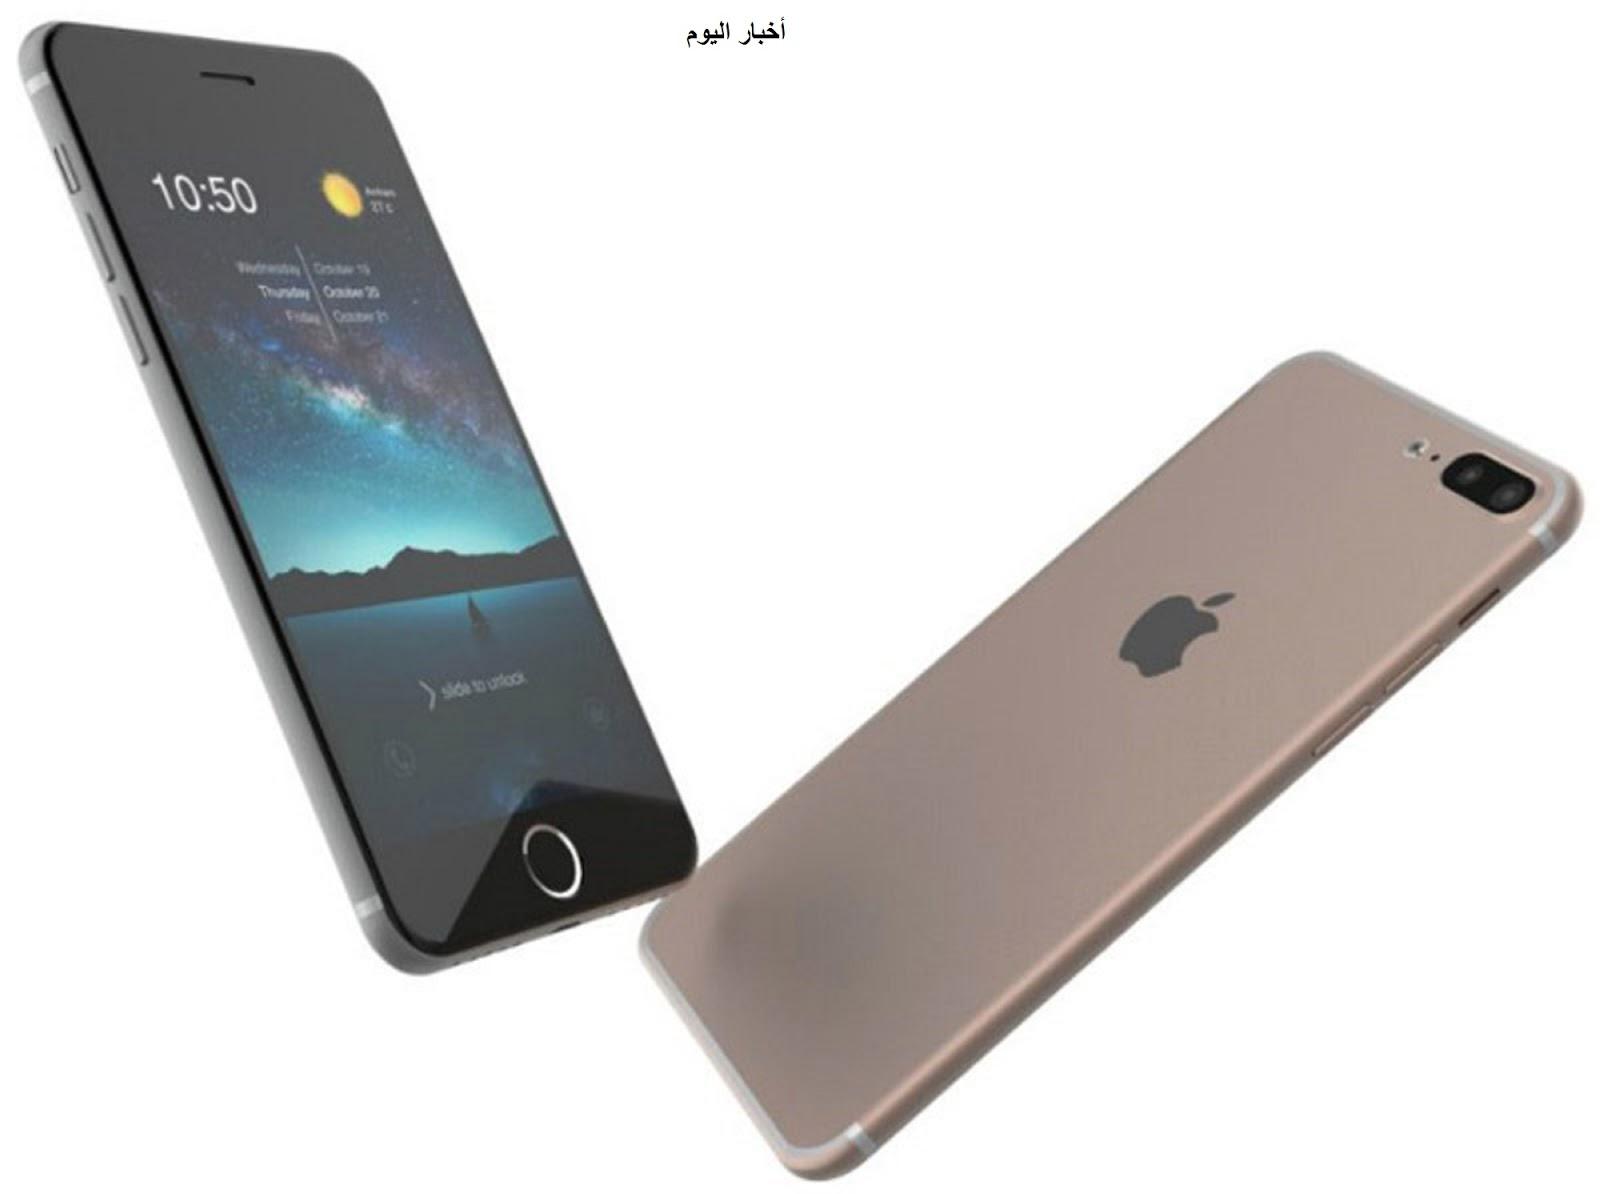 تعرف علي سعر ايفون 7 سعر ايفون 7 بلس في السعودية سعر